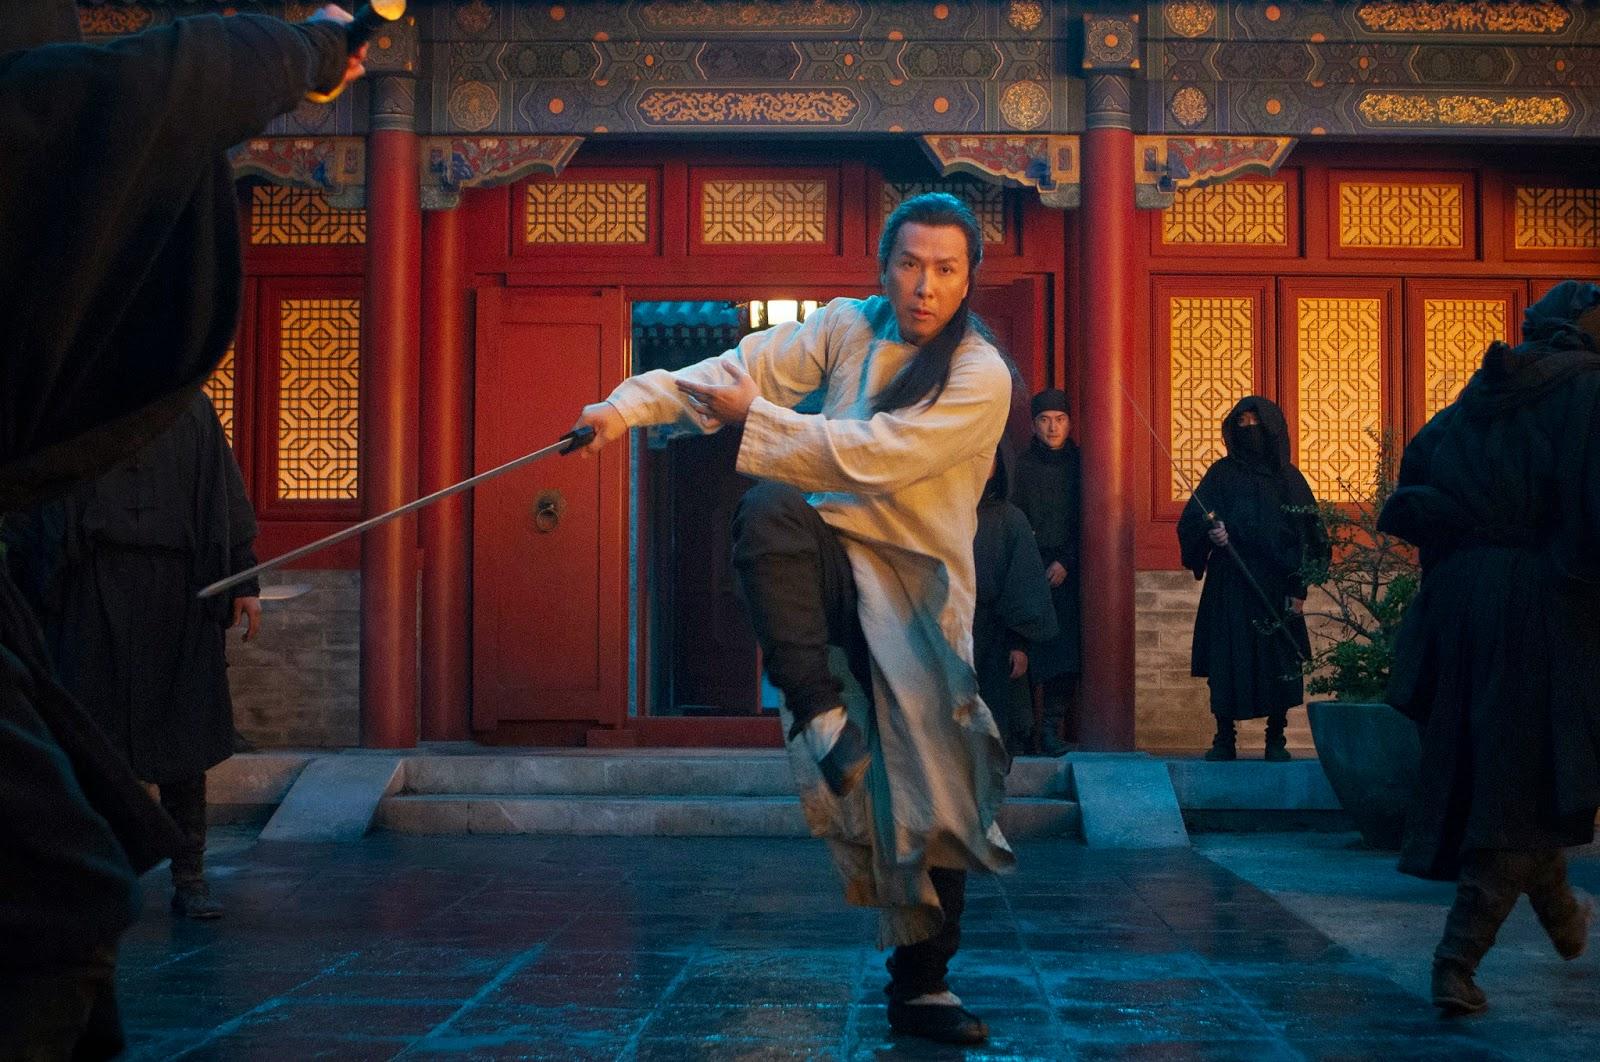 Ngọa Hổ Tàng Long II: Thanh Minh Bảo Kiếm,Phim Ngọa Hổ Tàng Long II: Thanh Minh Bảo Kiếm